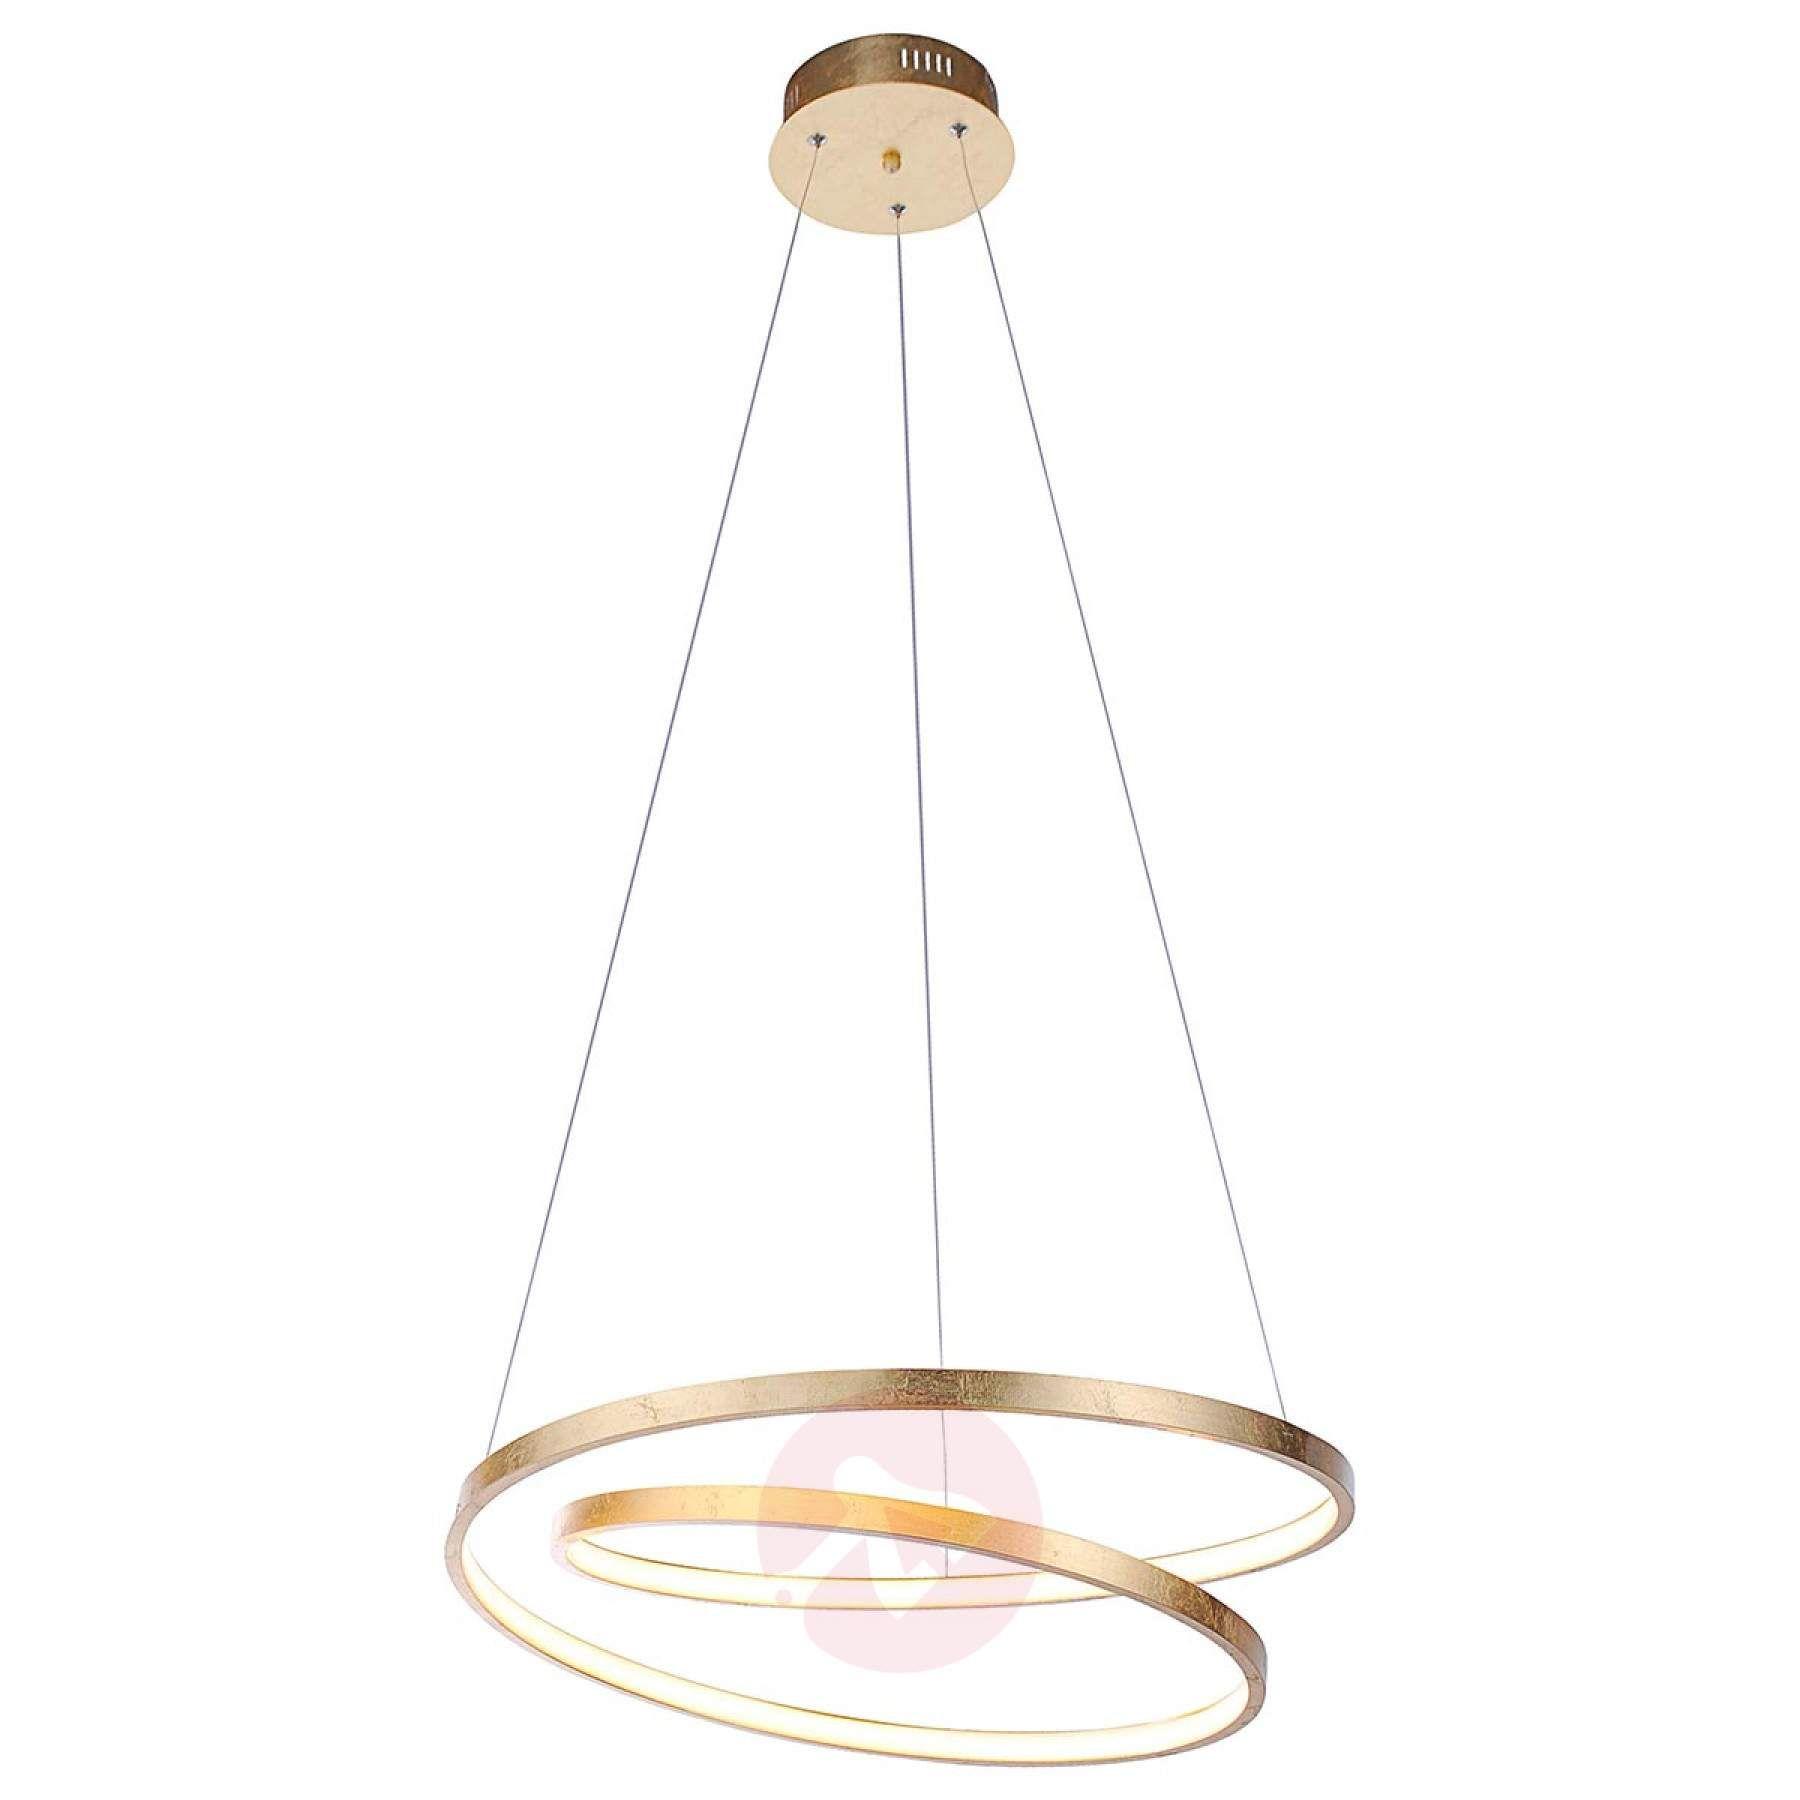 Per Lichtschalter Dimmbar Led Pendellampe Roman 7610634 01 Ceiling Lights Led Light